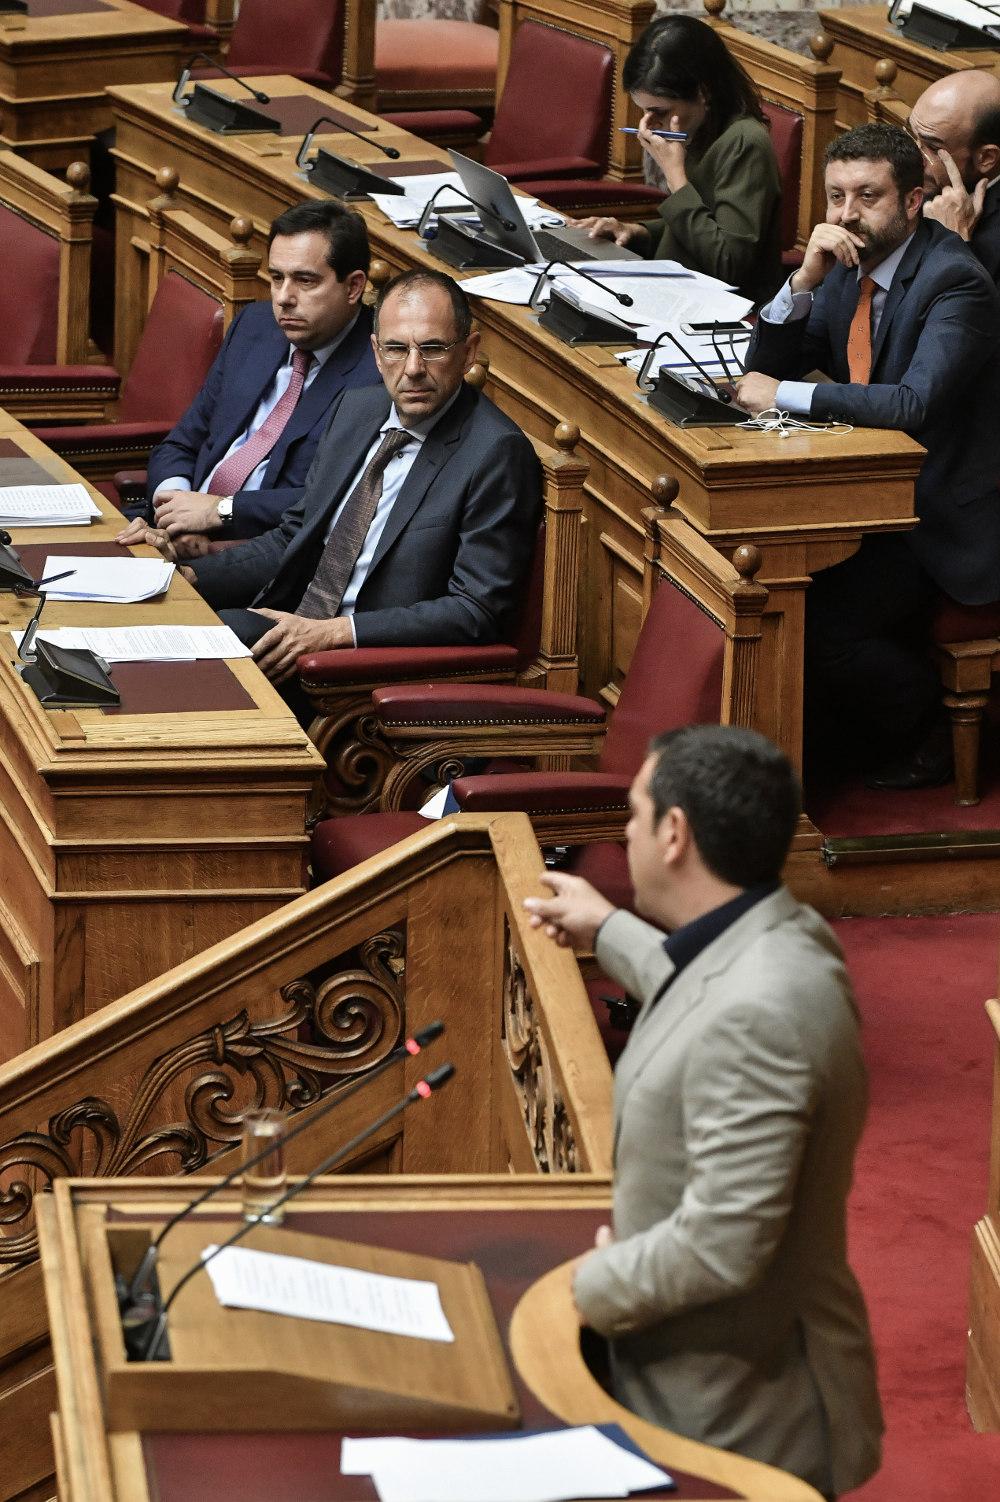 Ο υπουργός Γιώργος Γεραπετρίτης παρακολούθησε την ομιλία του αρχηγού της αξιωματικής αντιπολίτευσης πριν απαντήσει στην ολομέλεια της Βουλής